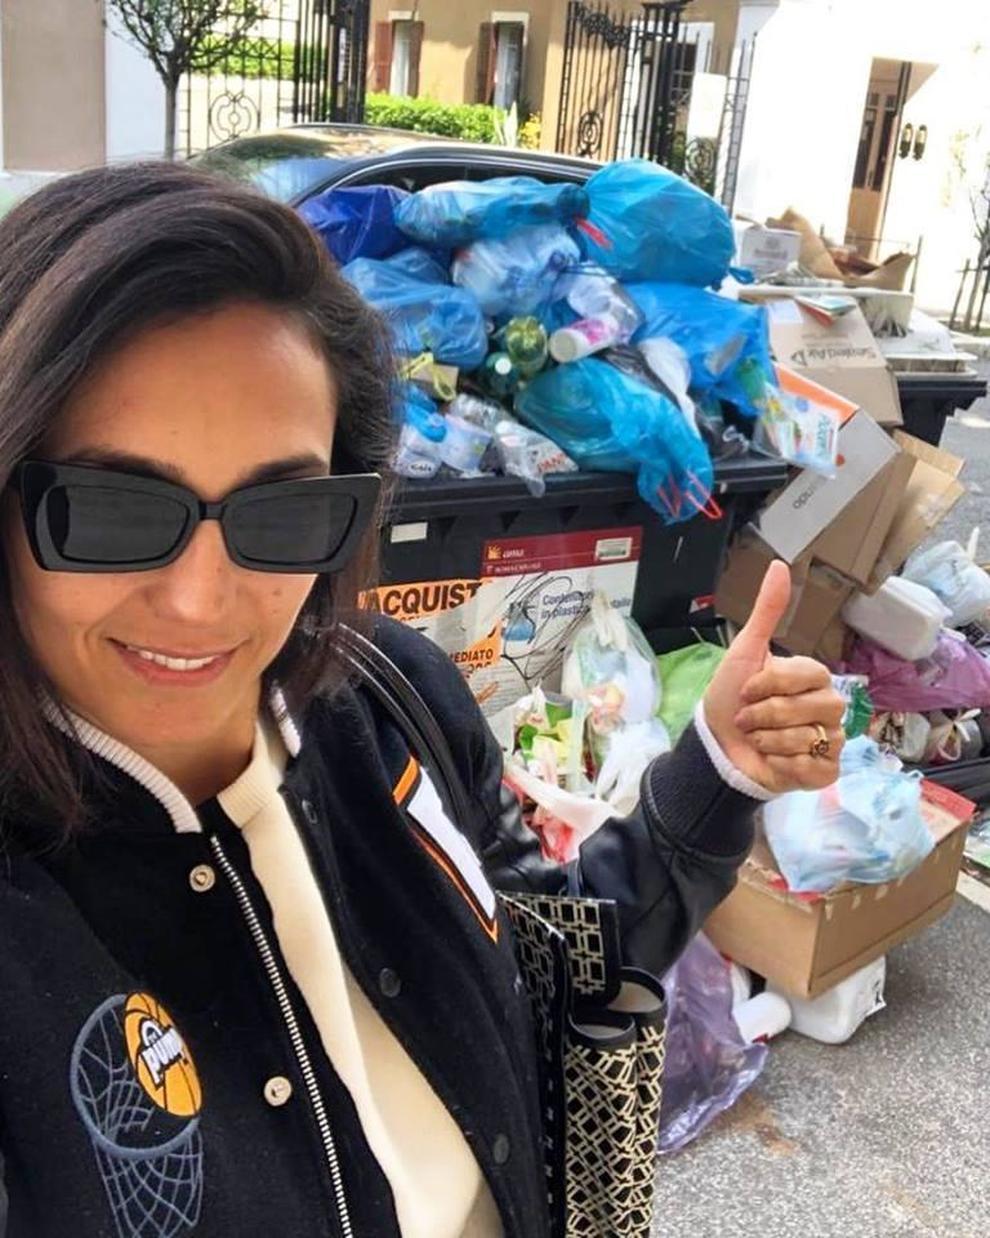 Roma, Caterina Balivo denuncia il degrado: «Immondizia, traffico, e buche. Sembra Napoli negli anni '90»